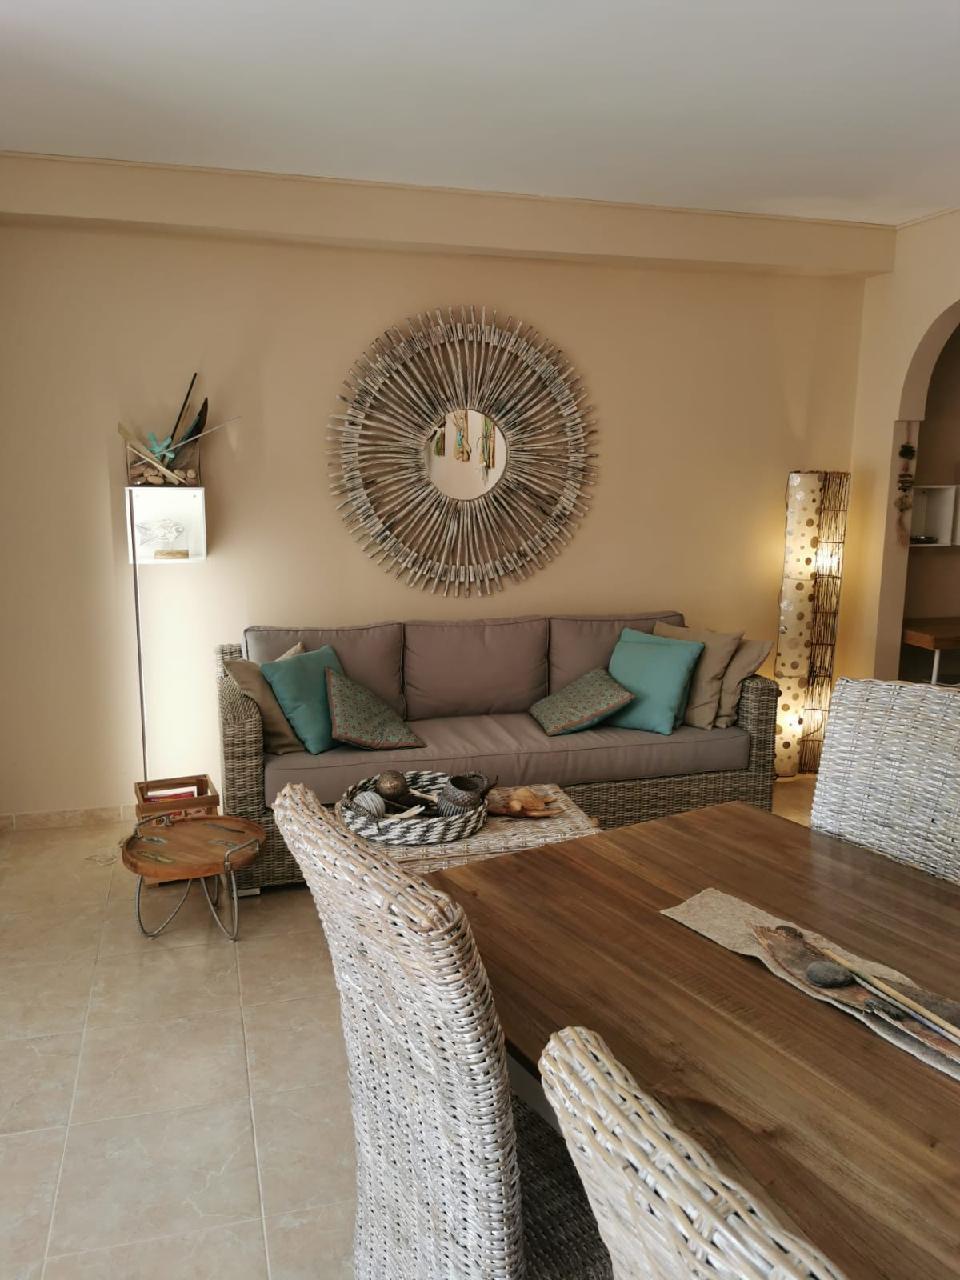 Ferienwohnung 114 m²  - 1A Meerblick  -  Strandnah  -  Familienfreundlich  -  Top Lage (2633968), Costa Calma, Fuerteventura, Kanarische Inseln, Spanien, Bild 8